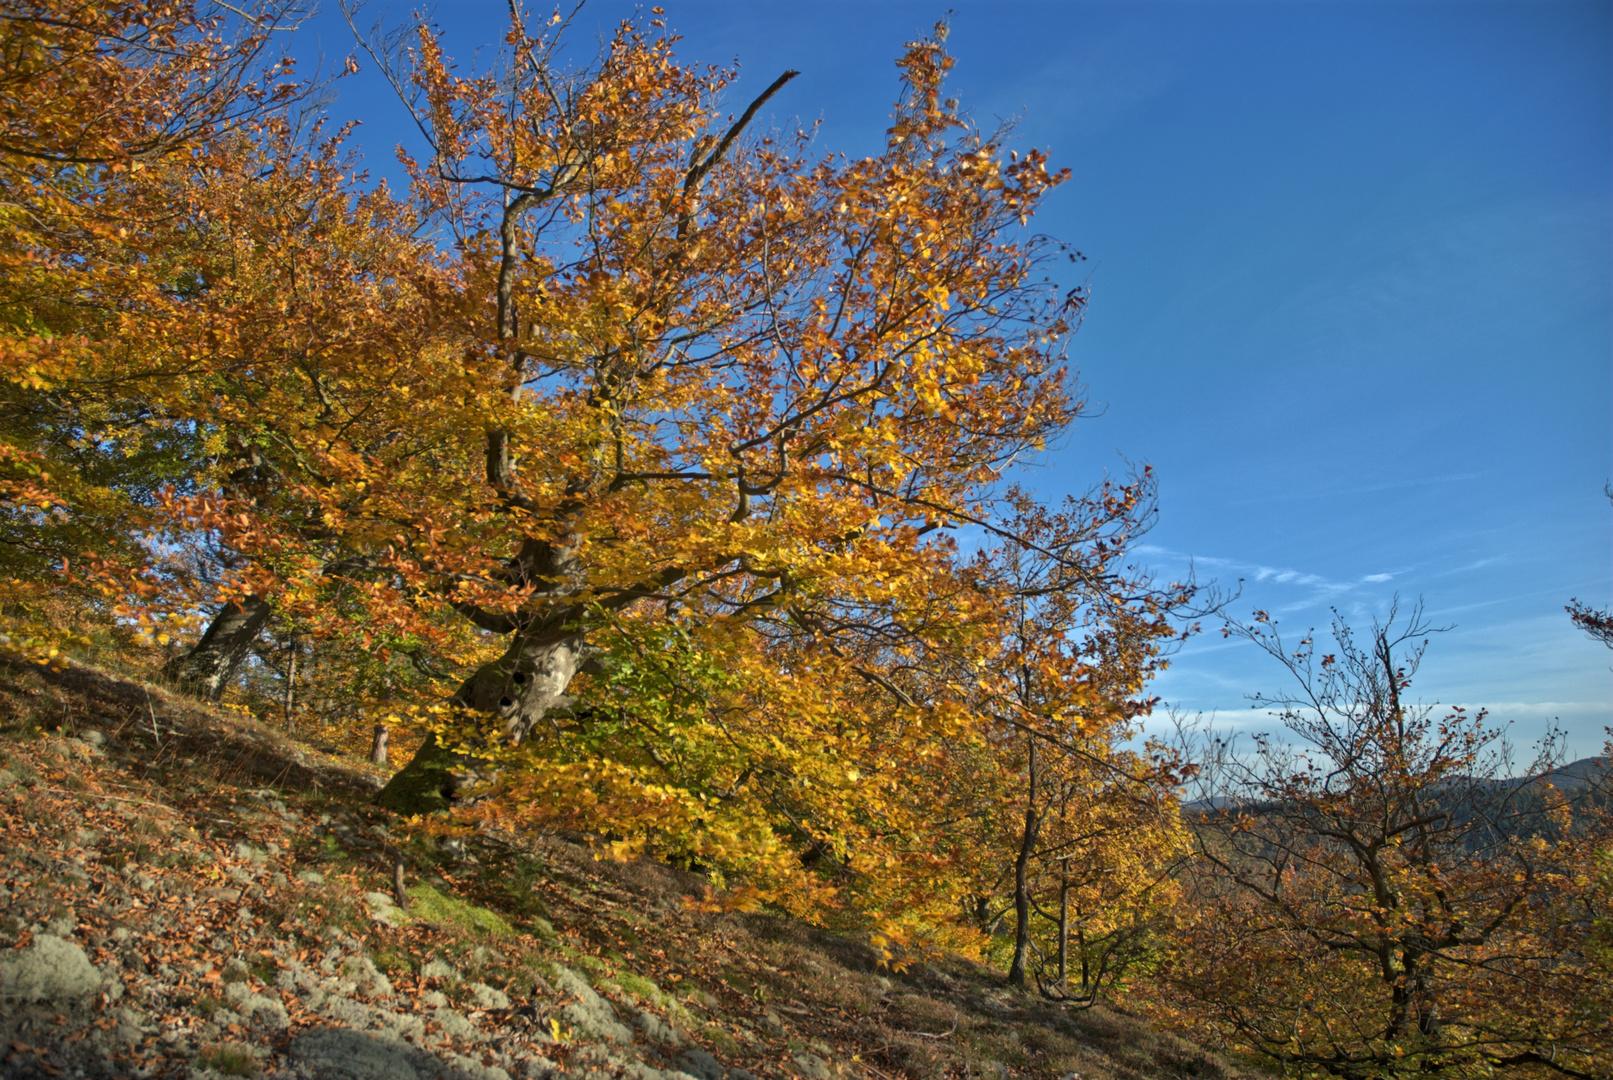 Buche im Habichtswald am Edersee